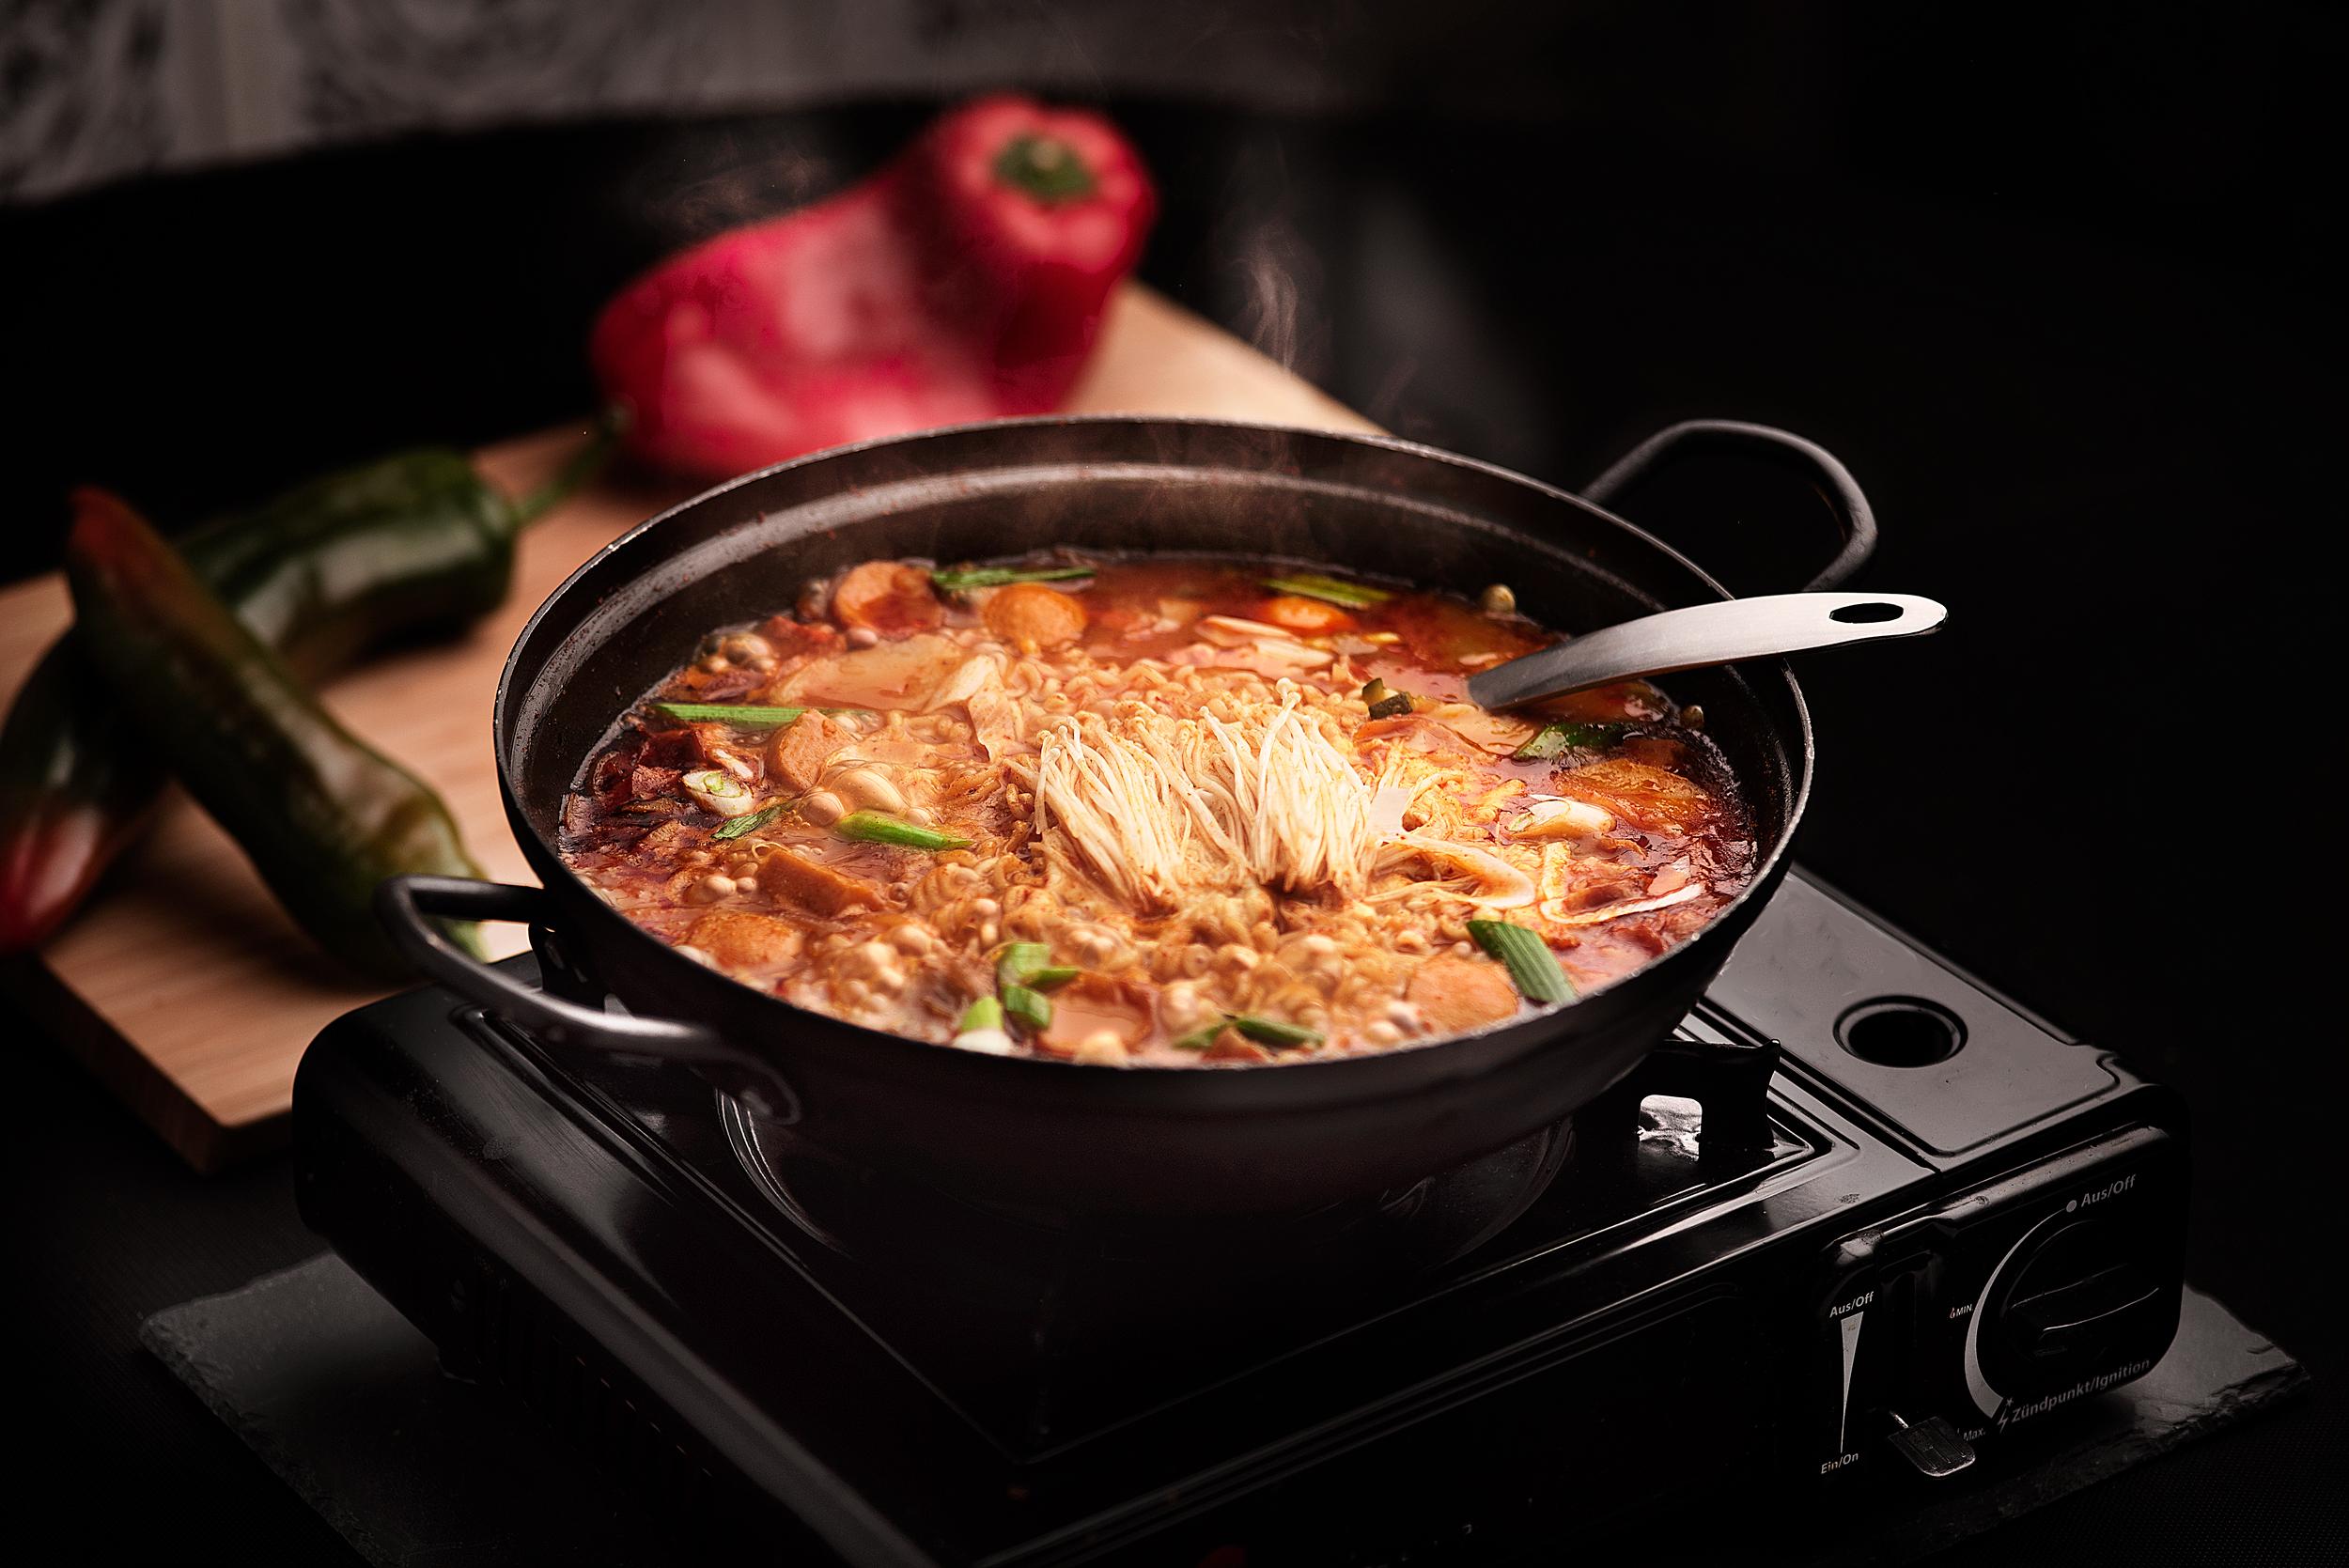 """Budechigue - Cazuela al fuego de caldo de verduras y kimchi, con noodles, salchichas, queso y tofu.La traducción literal del plato quiere decir """"caldo de tropa"""". Plato surgido en la época posguerra civil coreana, se trata de un caldo donde se mezclaban una variedad de ingredientes disponibles a mano. Hoy en día convertido en un plato más refinado, se considera como uno de los platos más populares en Corea.Cazuela grande para 2 personas servida al fuego directo sobre la mesa.25.00€ (Para dos personas)+ 2€ (ración adicional de noodles)"""